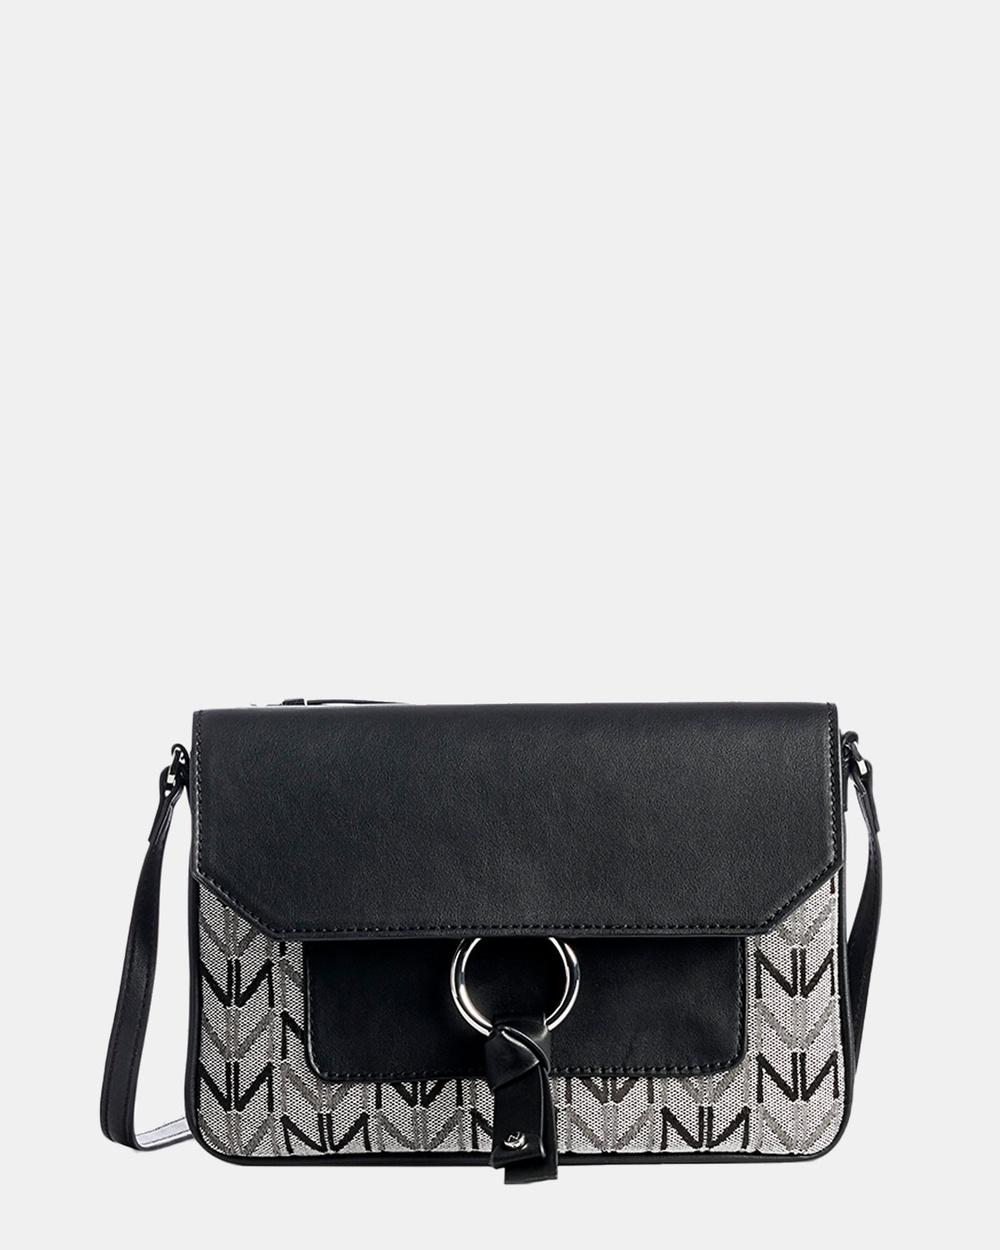 Naturalizer Cinty 2 Shoulder Bag Bags Black White Australia